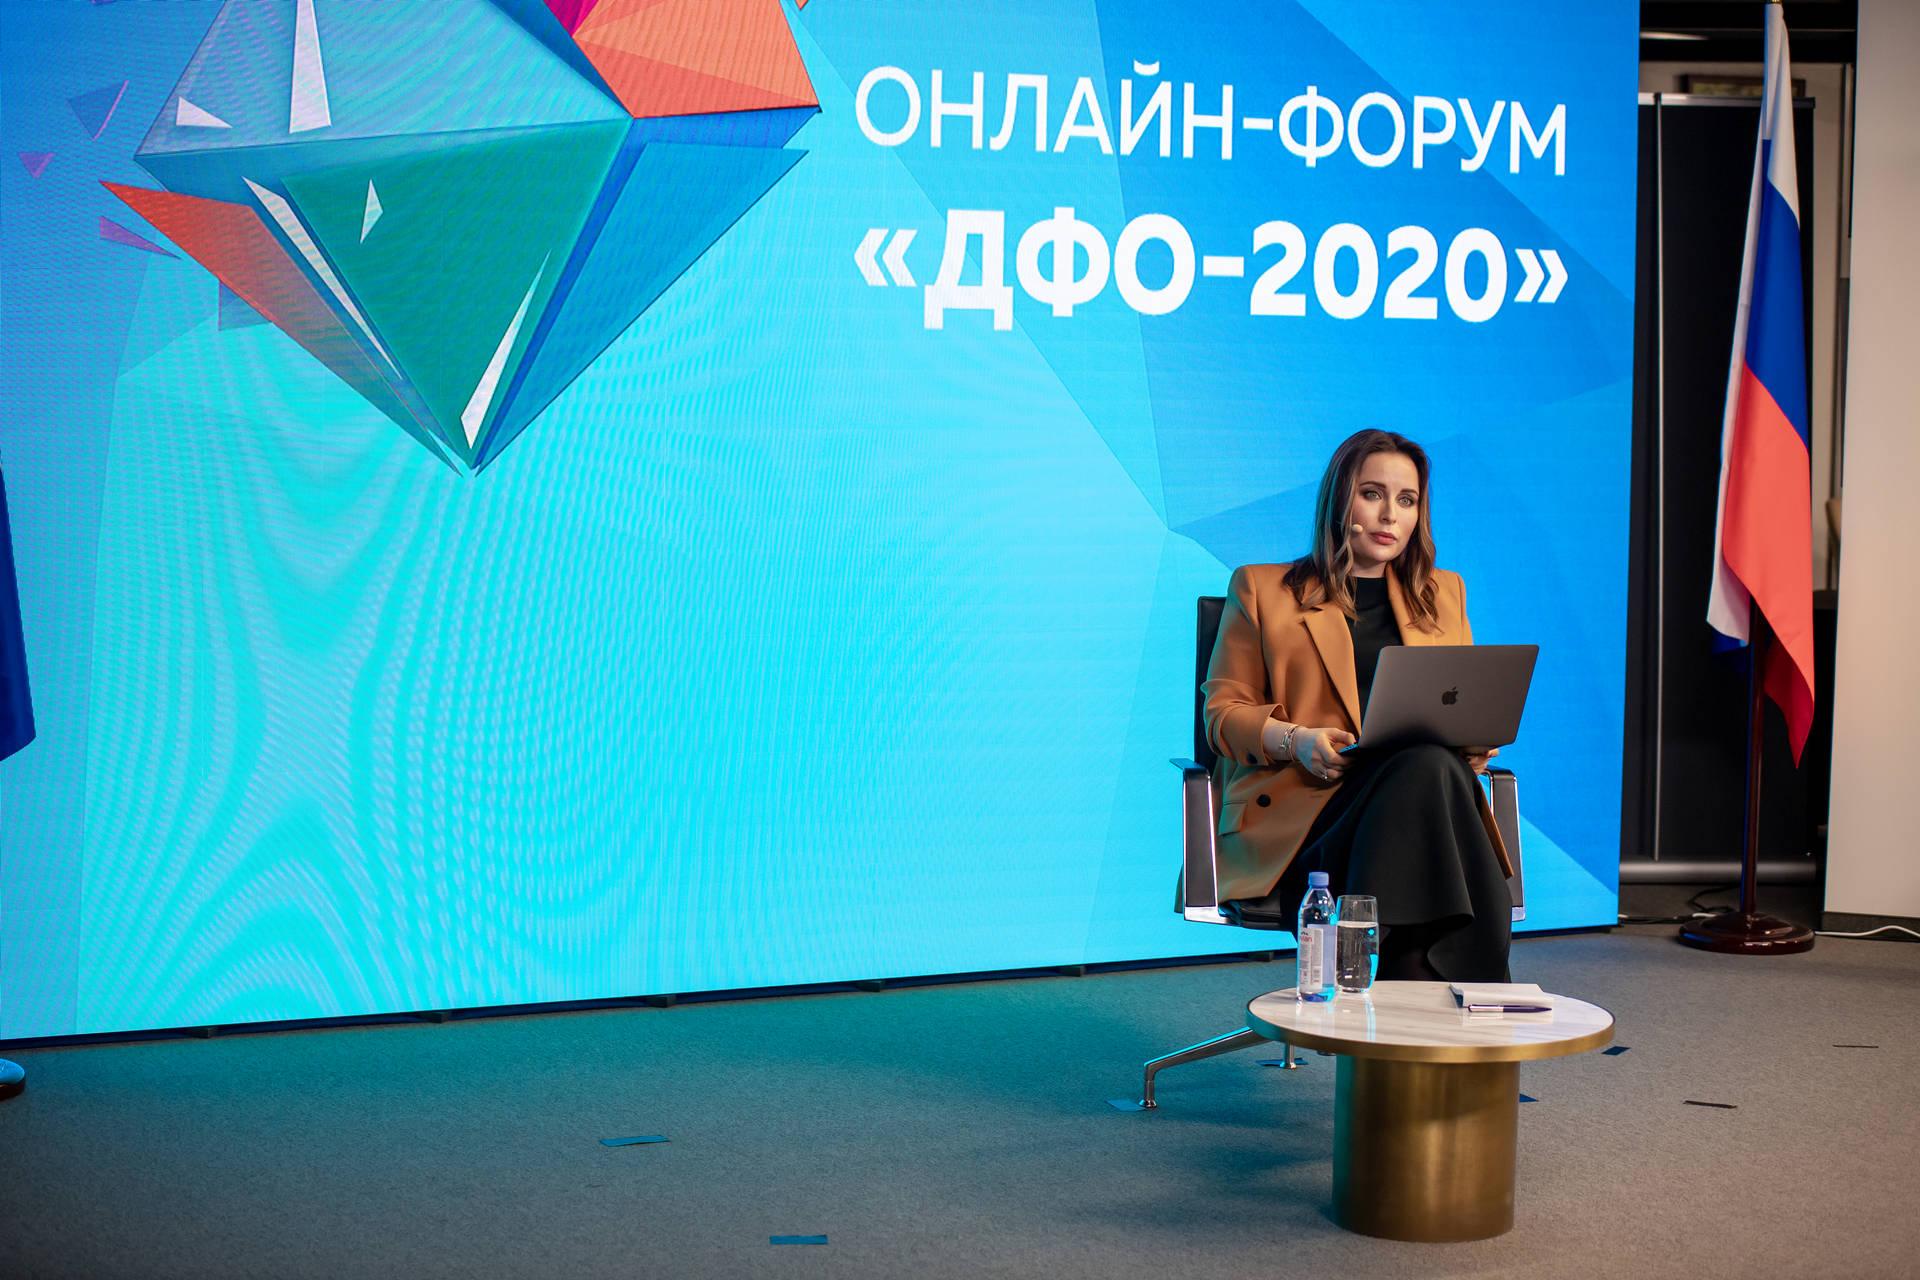 Более 35 тысяч просмотров собрал онлайн-форум «ДФО 2020»